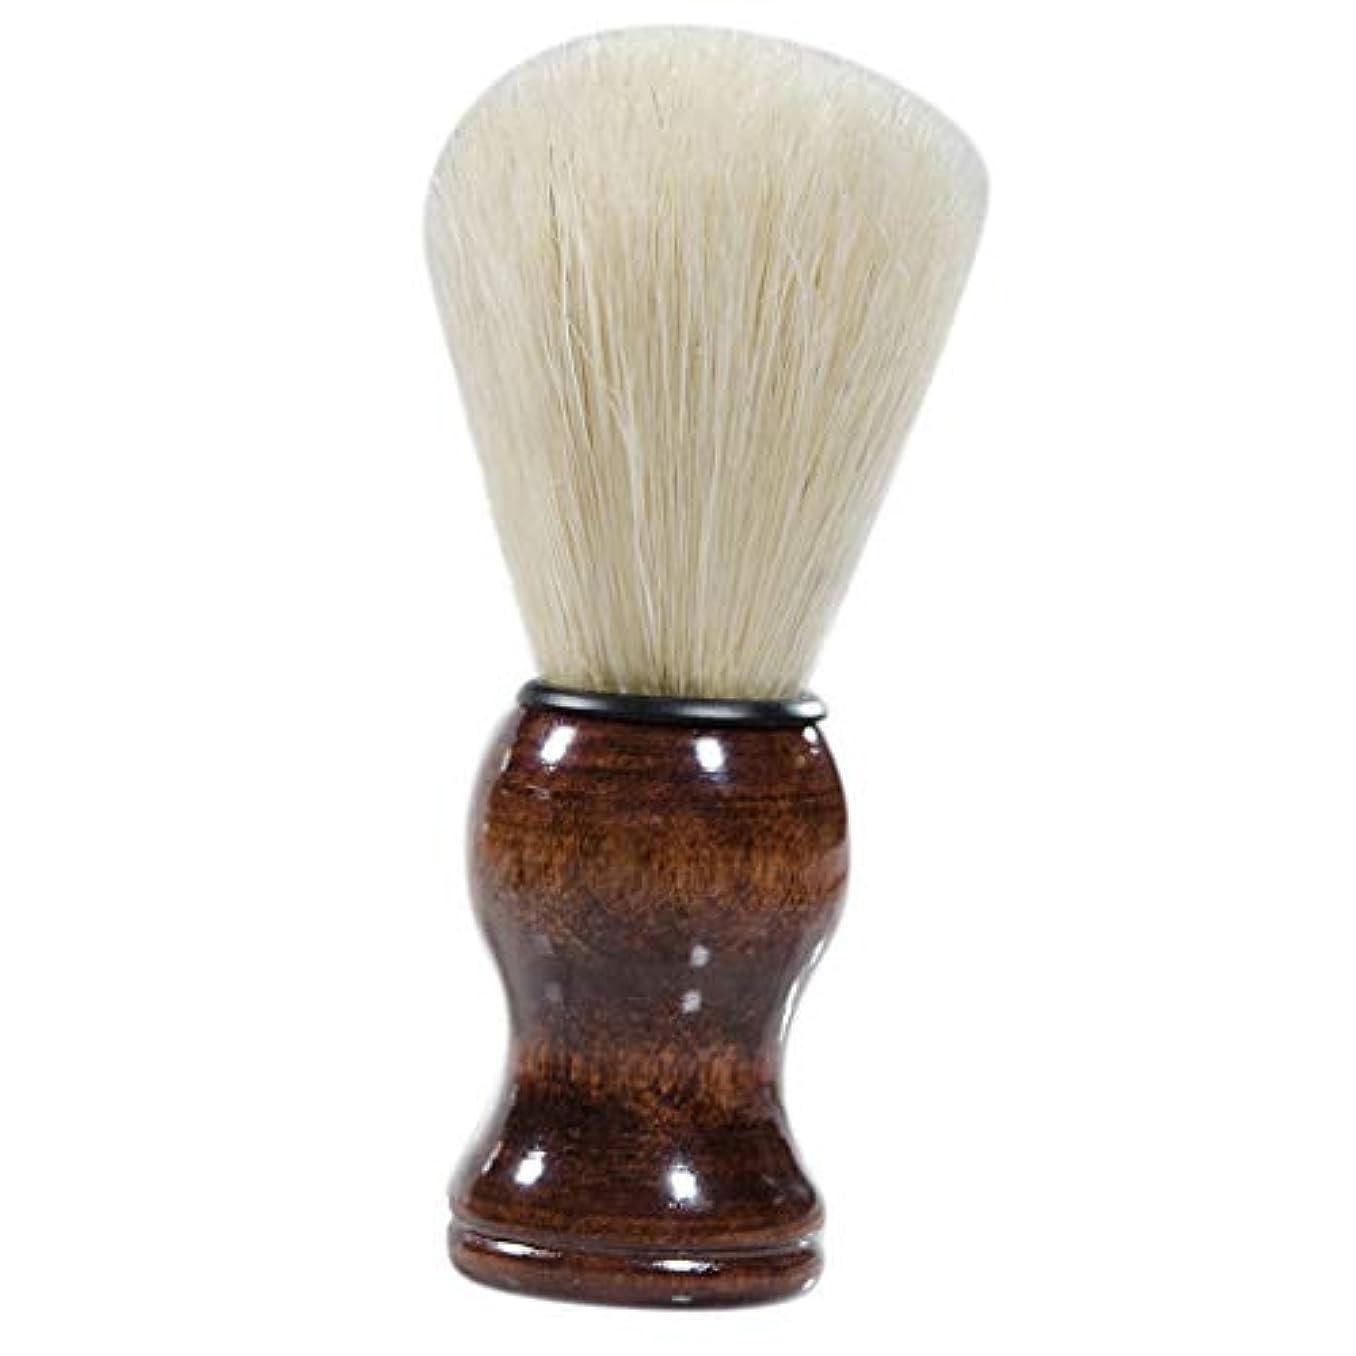 コンパス孤独残るHellery ひげブラシ シェービングブラシ 髭剃りブラシ 理容 洗顔 髭剃り 泡立ち 父 プレゼント